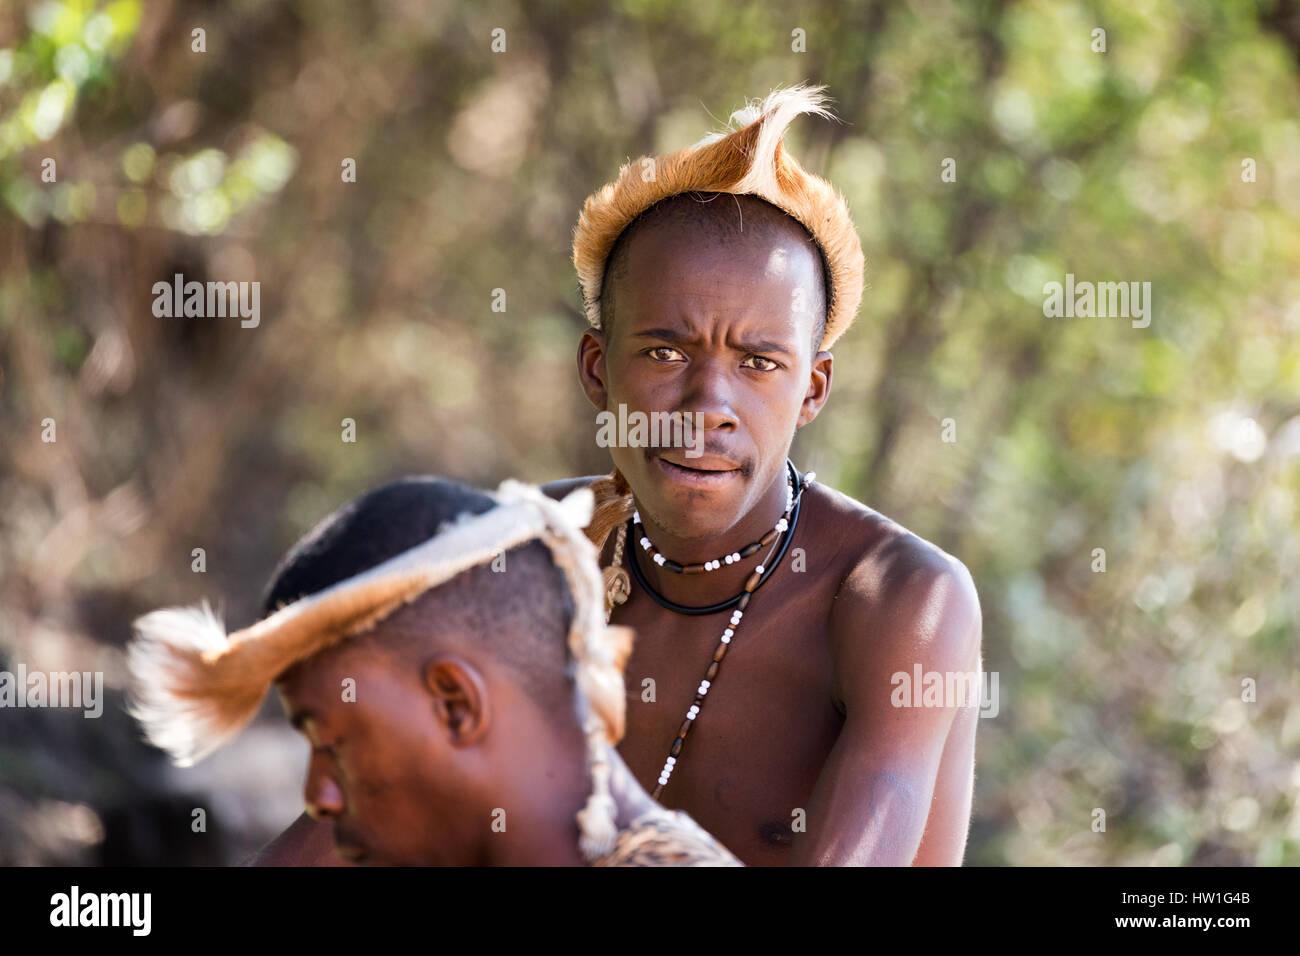 Lesedi Cultural Village, AFRIQUE DU SUD - 4 novembre 2016: le port d'une tribu zoulou impala peau coiffure. Zulu est un des cinq principales tribus dans le sud Af Banque D'Images